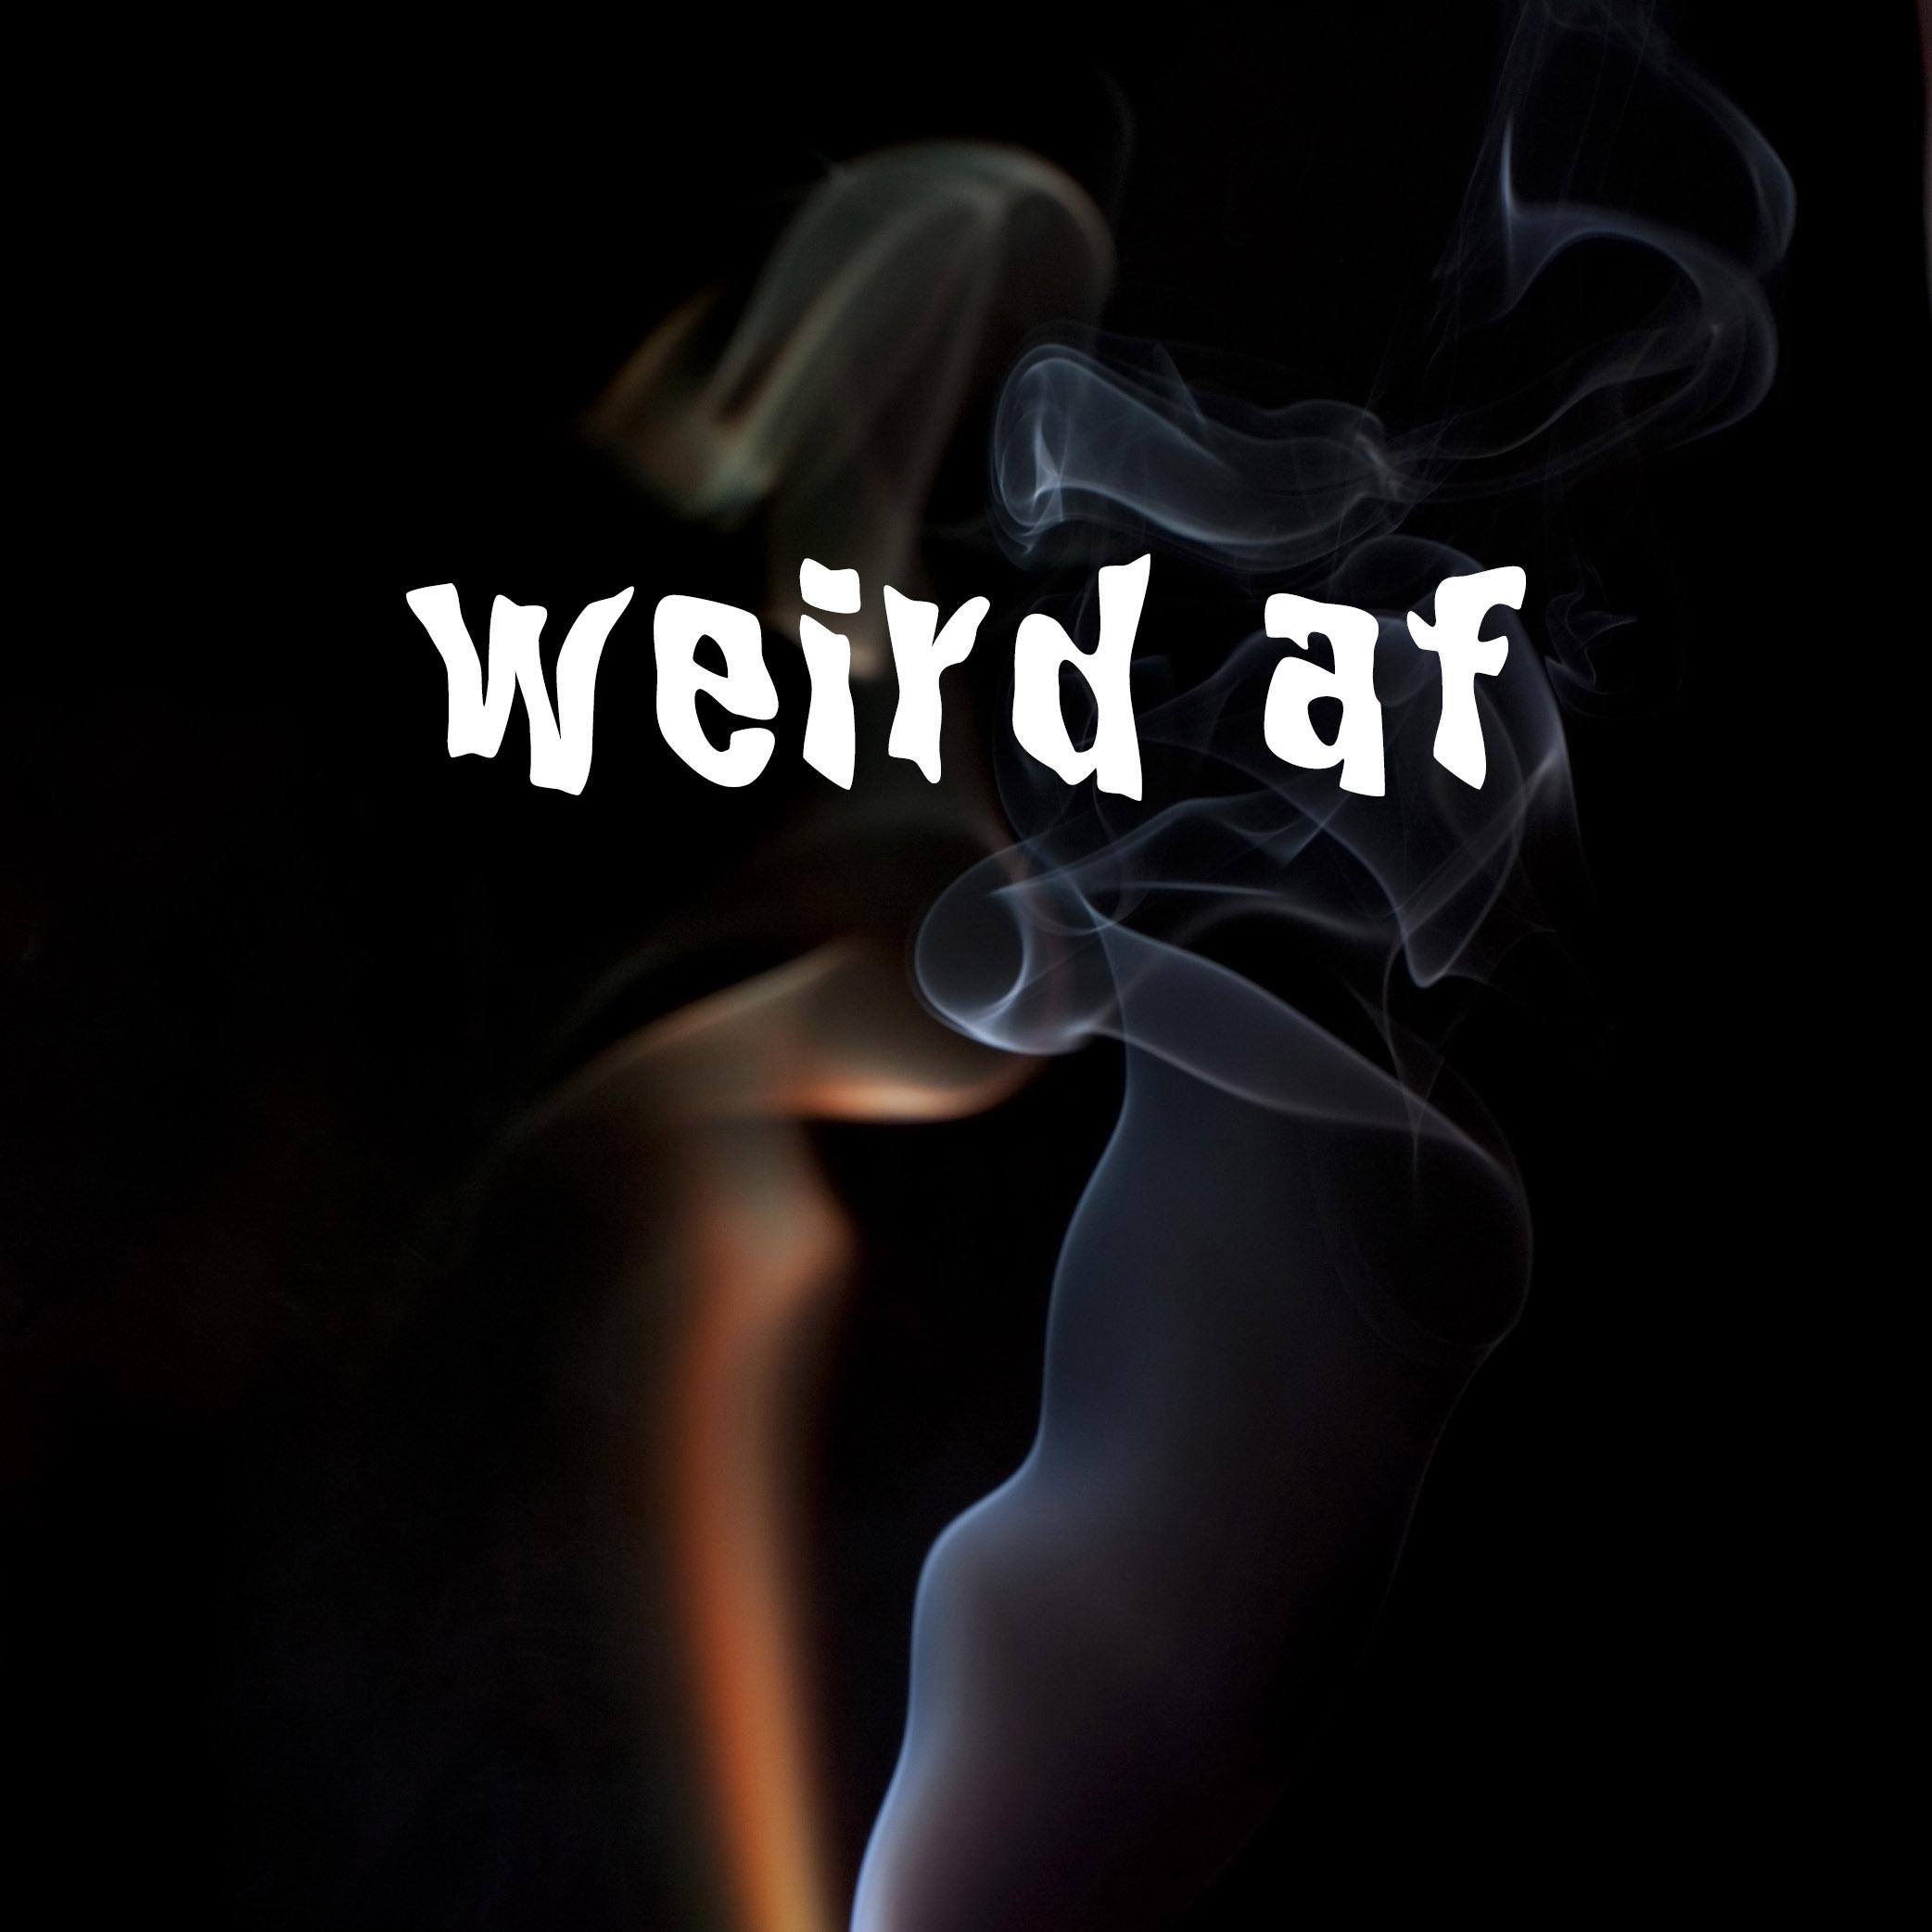 weird af